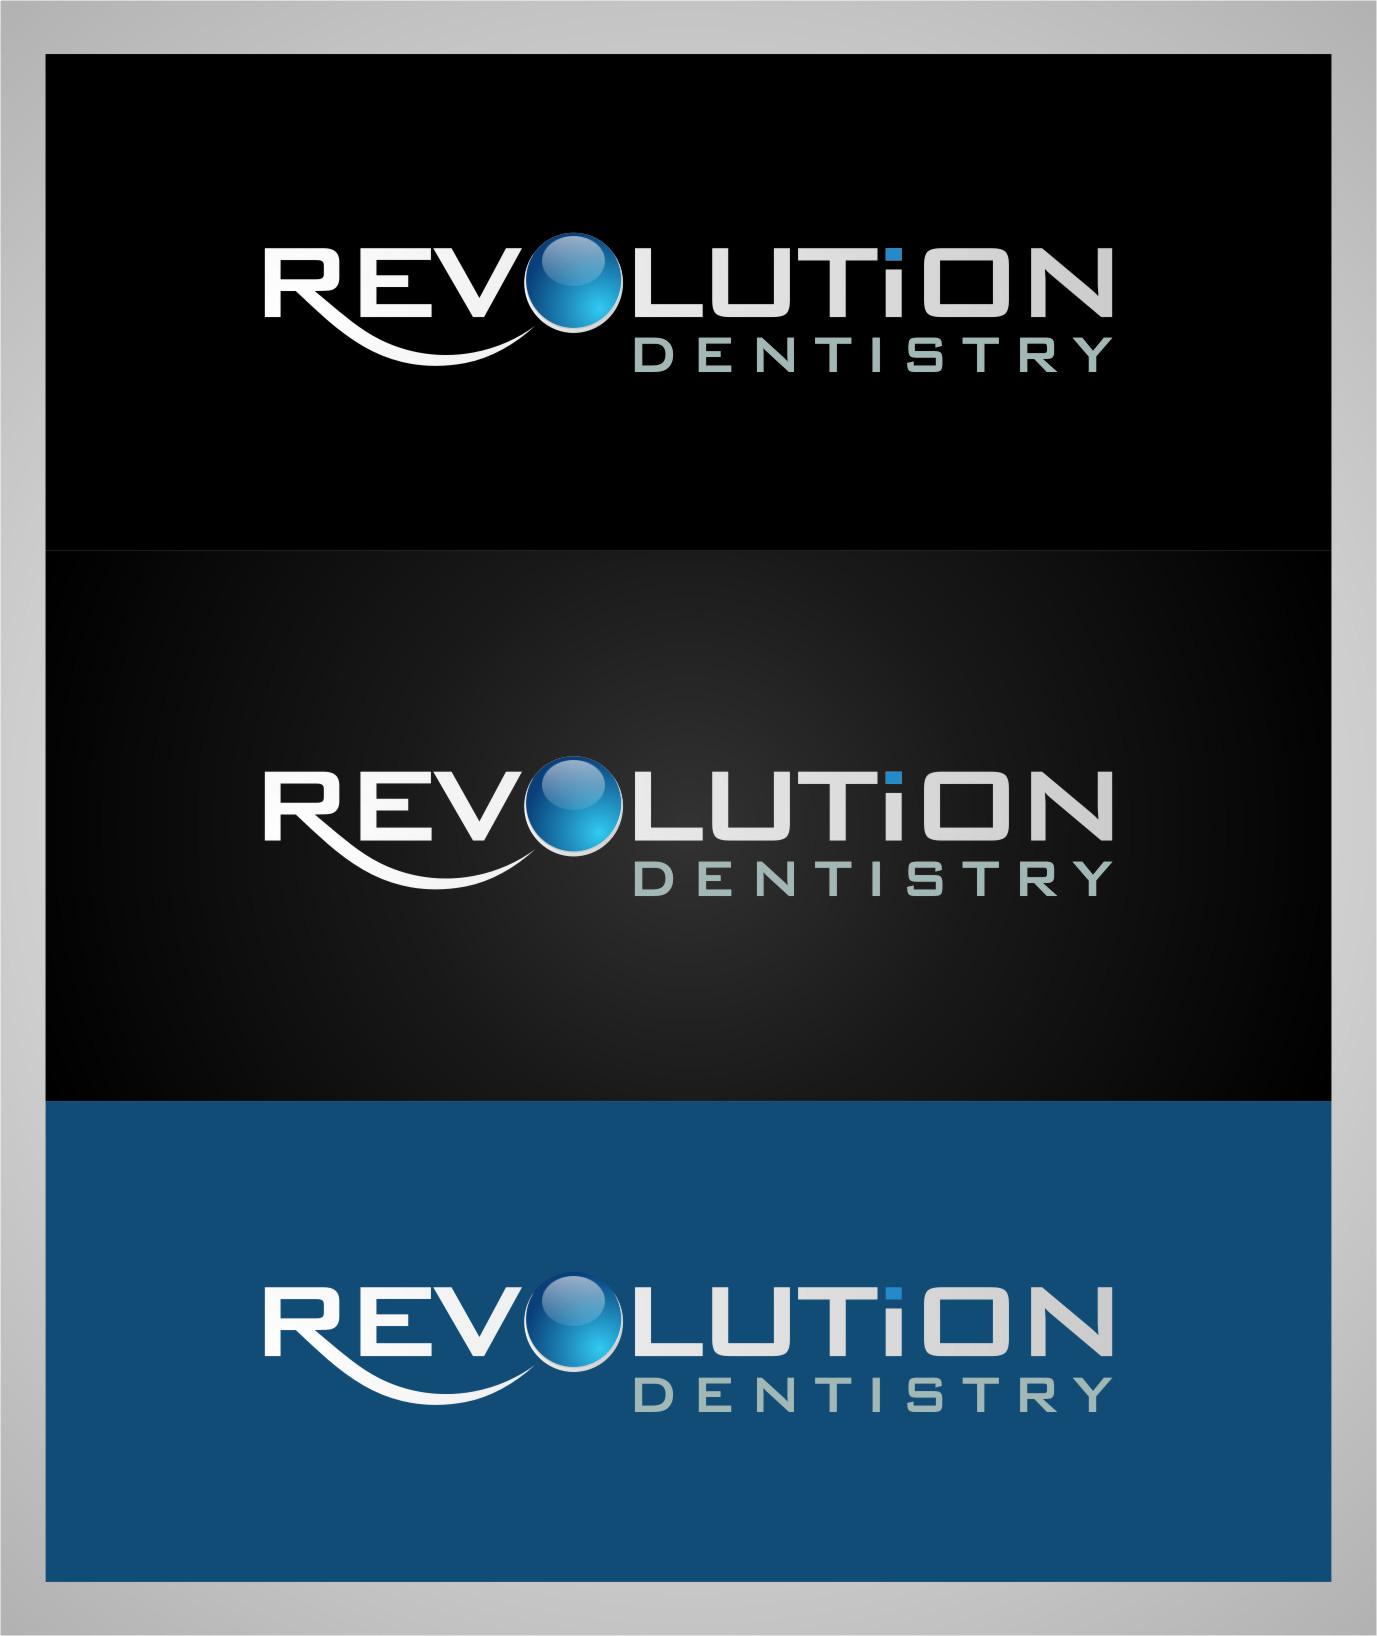 Logo Design by RasYa Muhammad Athaya - Entry No. 141 in the Logo Design Contest Artistic Logo Design for Revolution Dentistry.